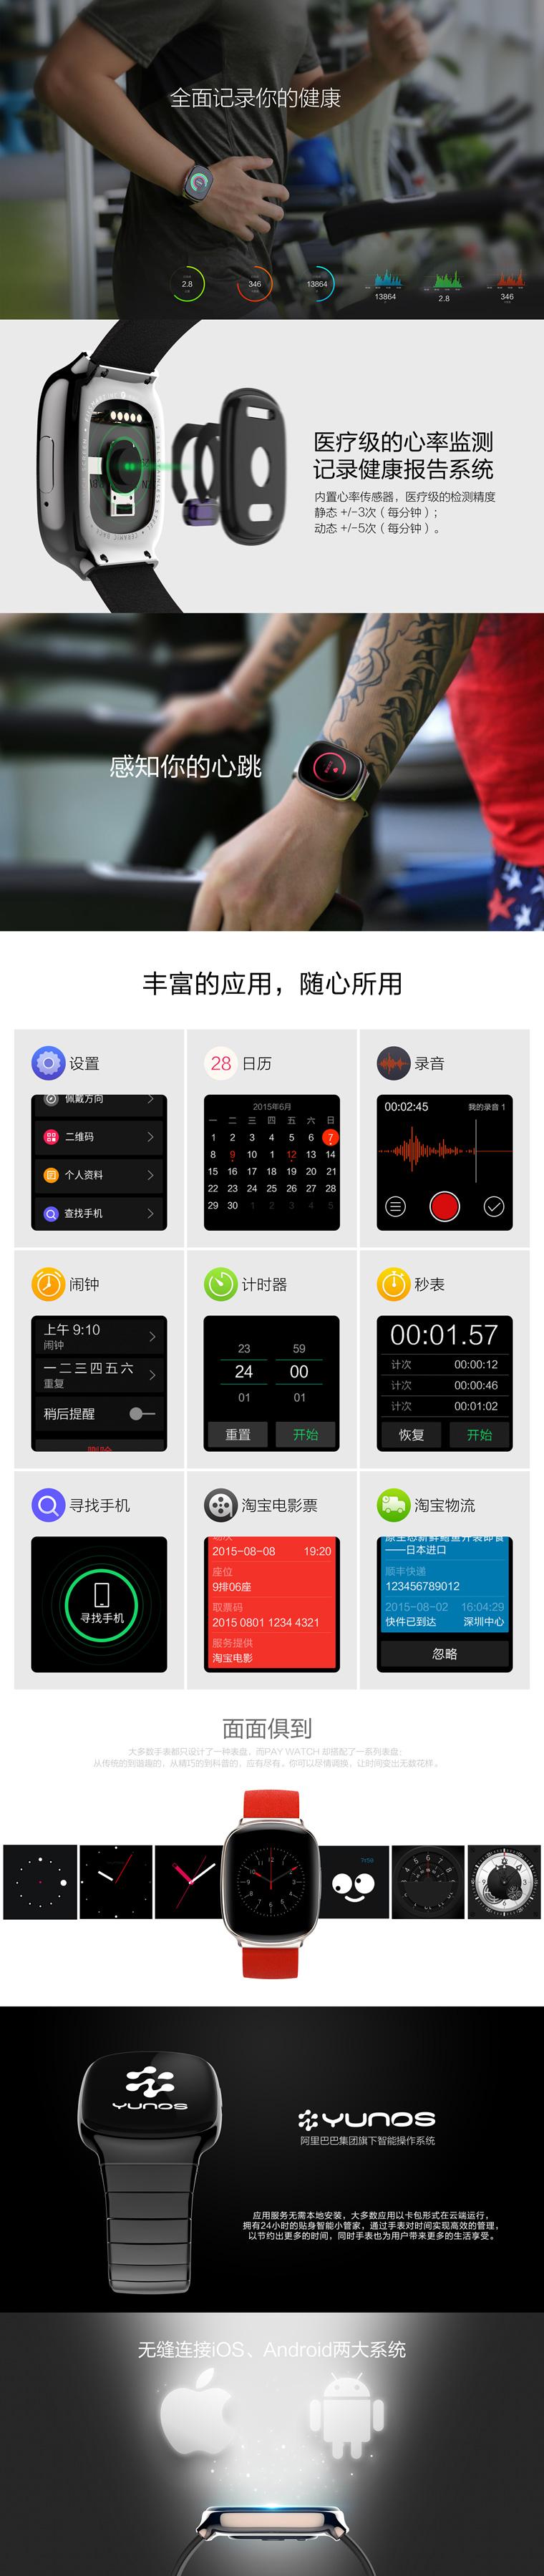 PAY WATCH可支付智能手表发起众筹 无需网络1秒付款的照片 - 4